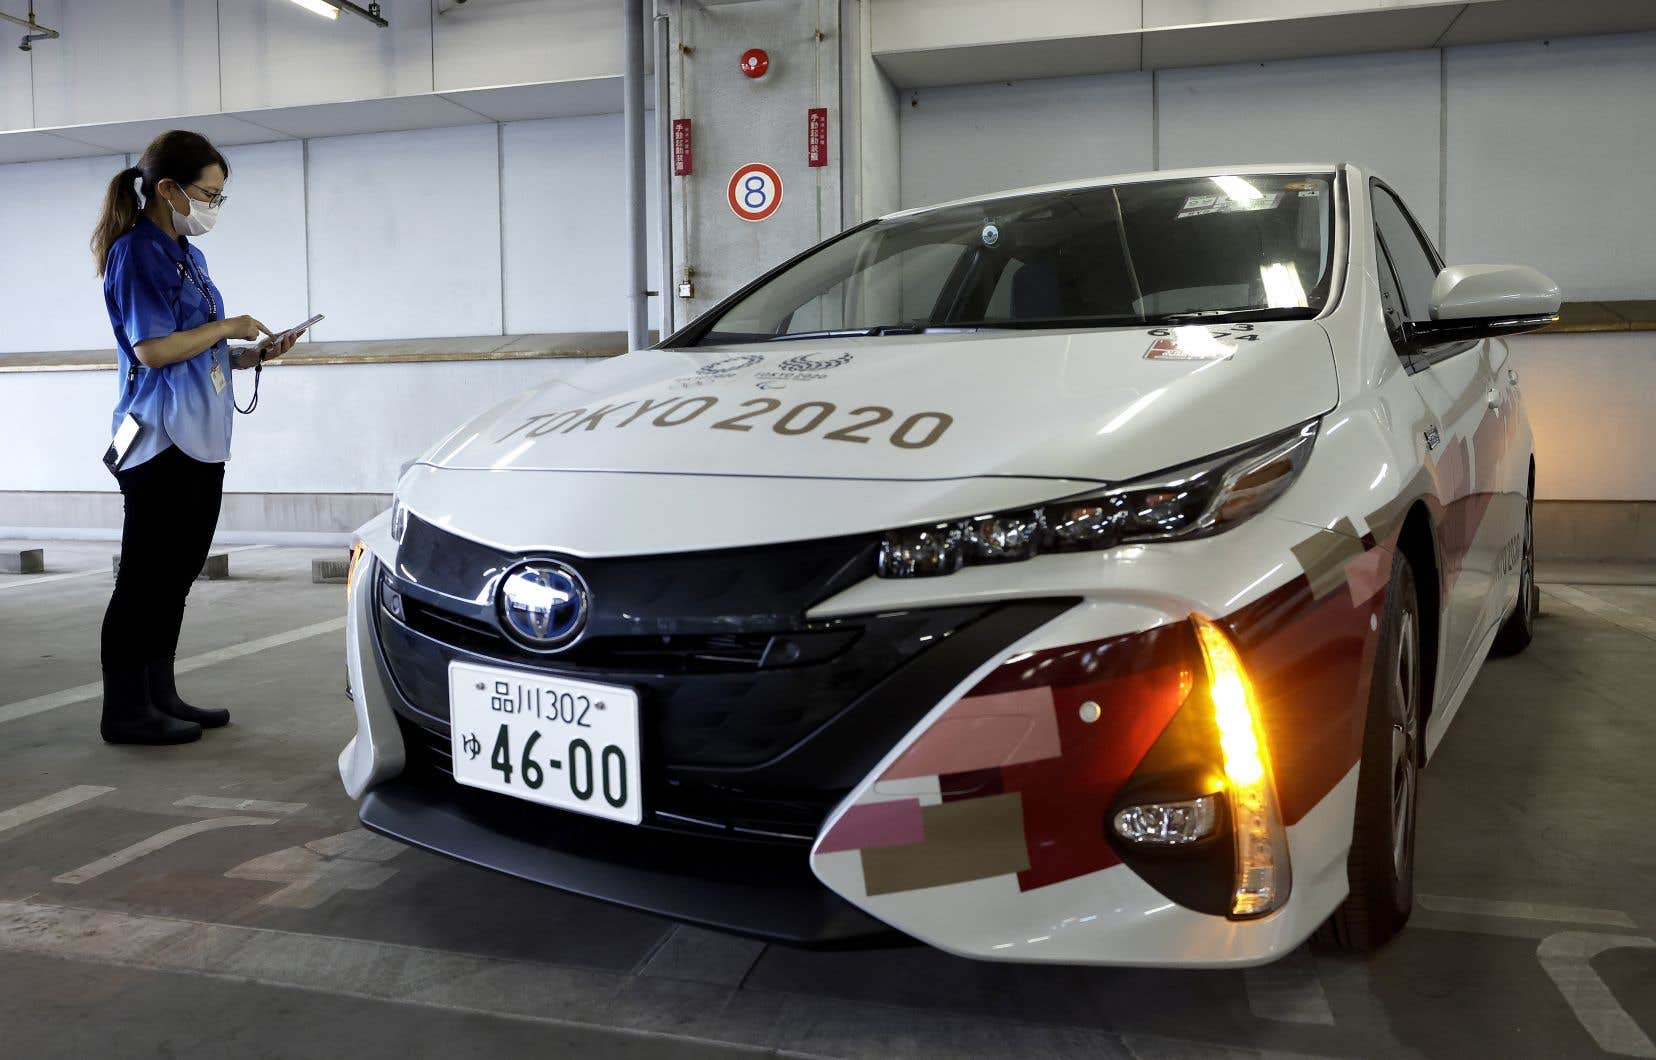 Le groupe a fourni la flotte officielle des véhicules pour les JO de Tokyo, essentiellement des modèles électrifiés. Toyota a aussi conçu les navettes autonomes circulant au sein du Village olympique.